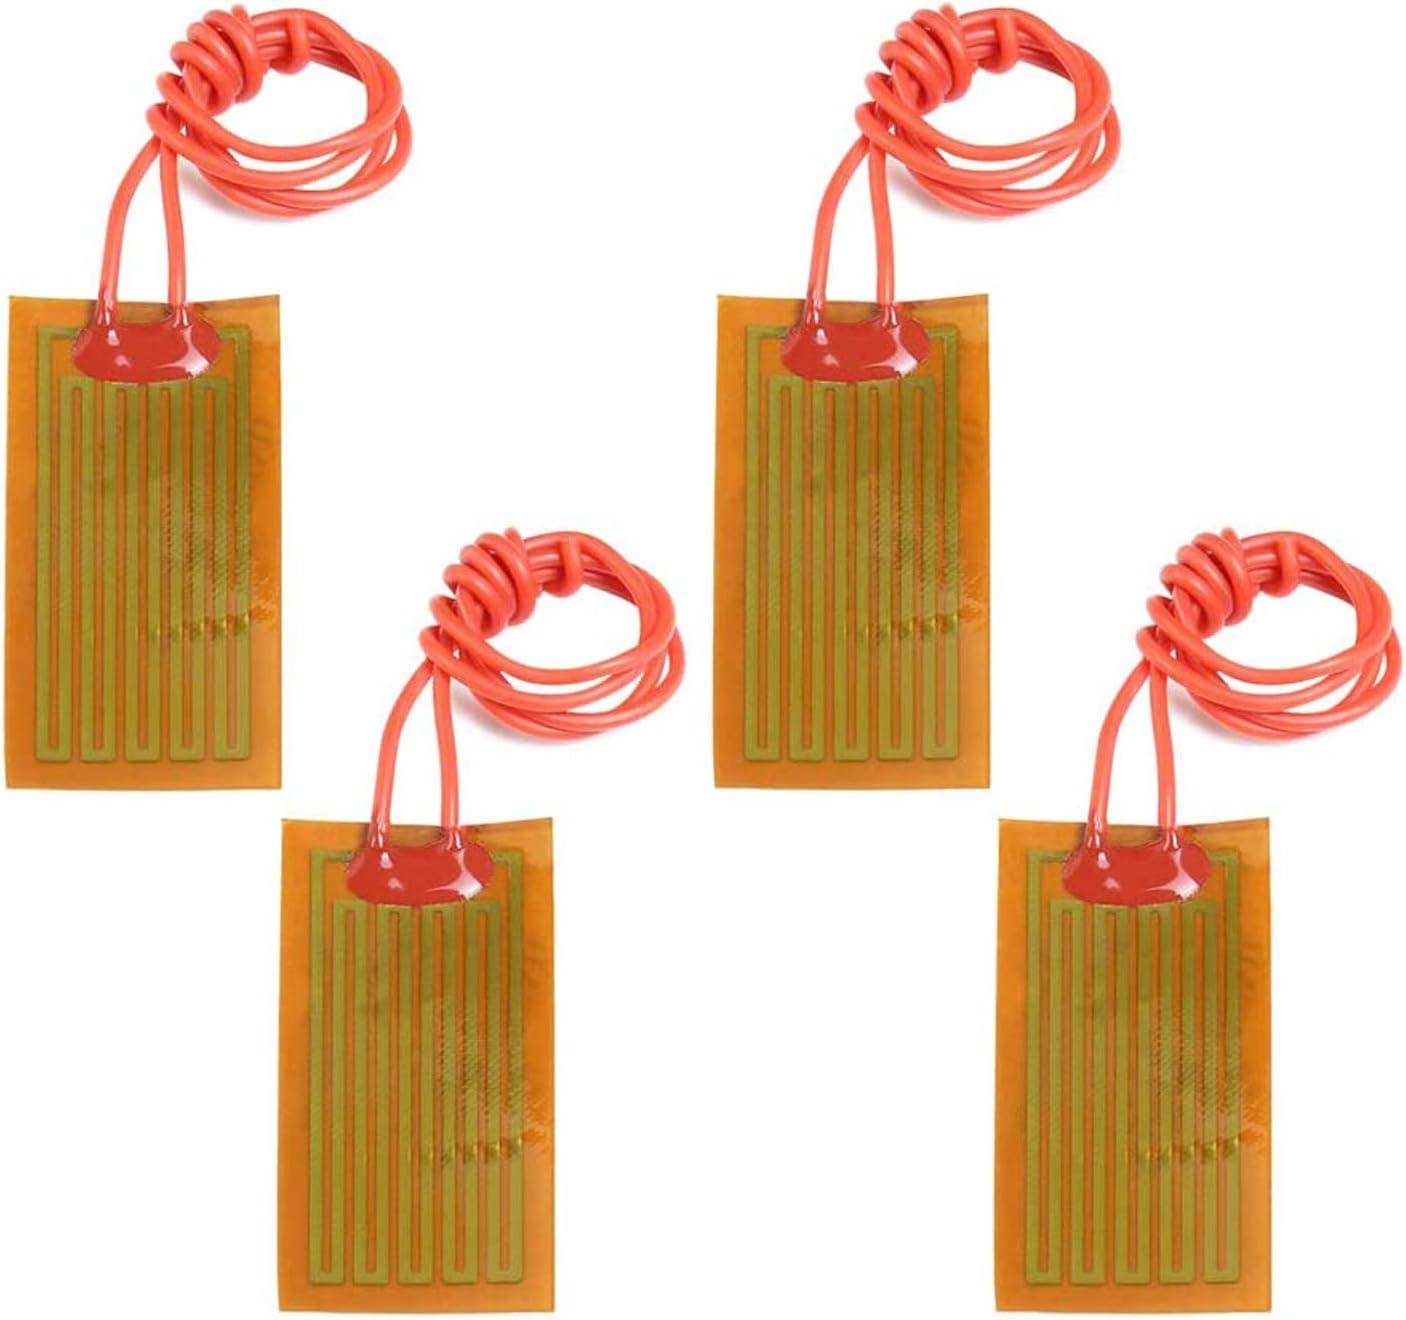 PEMENOL - Lámina calefactora de poliimida (4 unidades, 12 V, 7 W, 25 mm x 50 mm)